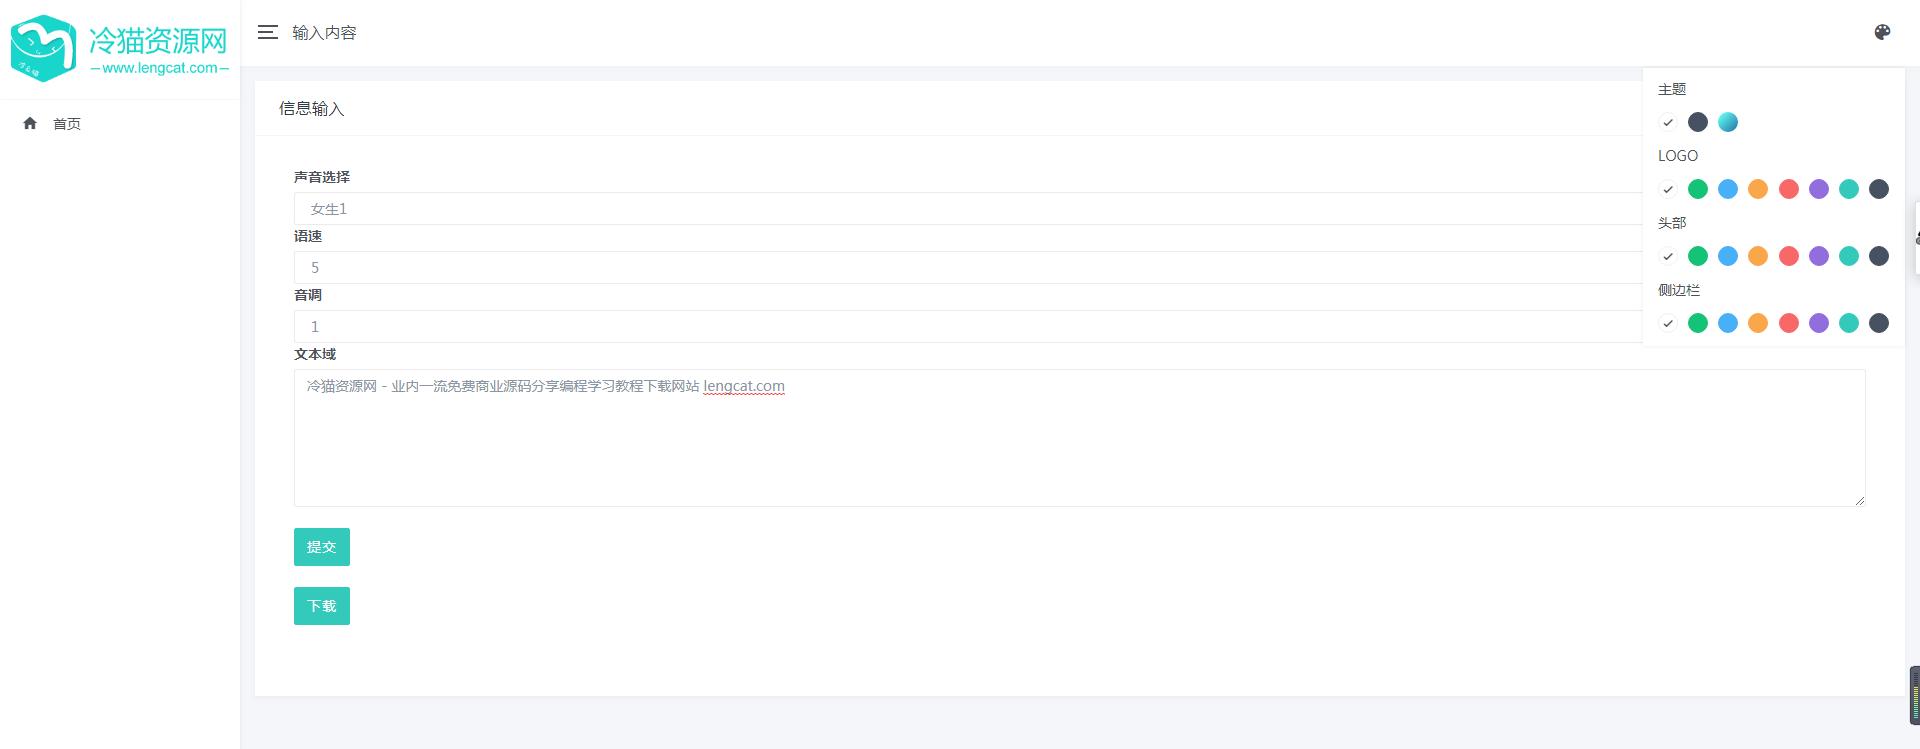 亲测丨PHP在线文字转语音合成源码分享 免费下载